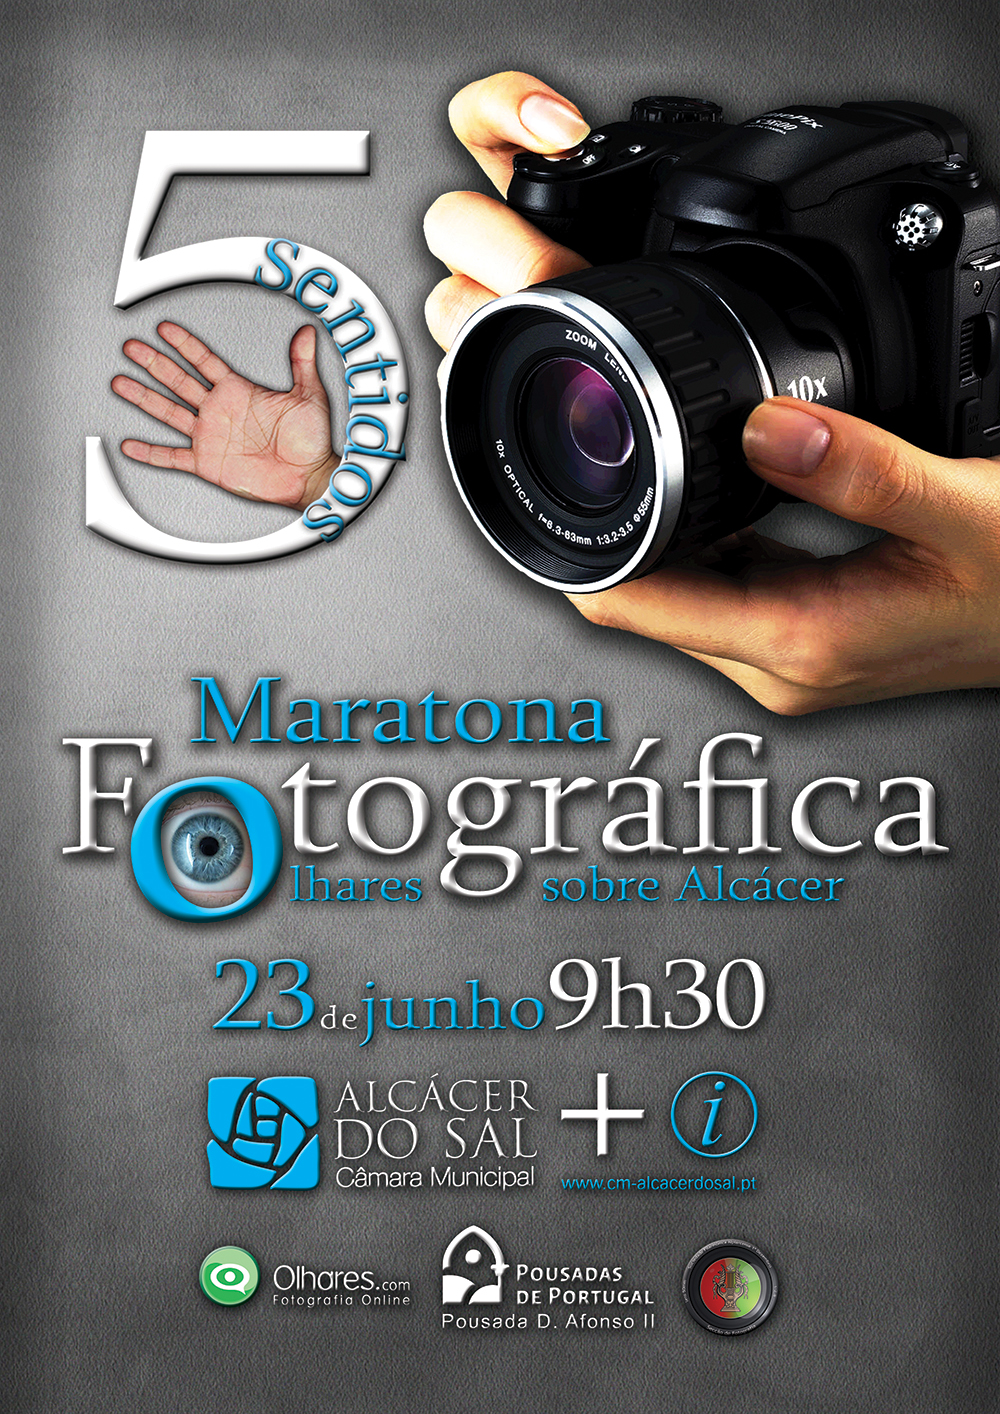 Maratona_Fotográfica_cartaz_com_Olhares_Pousada